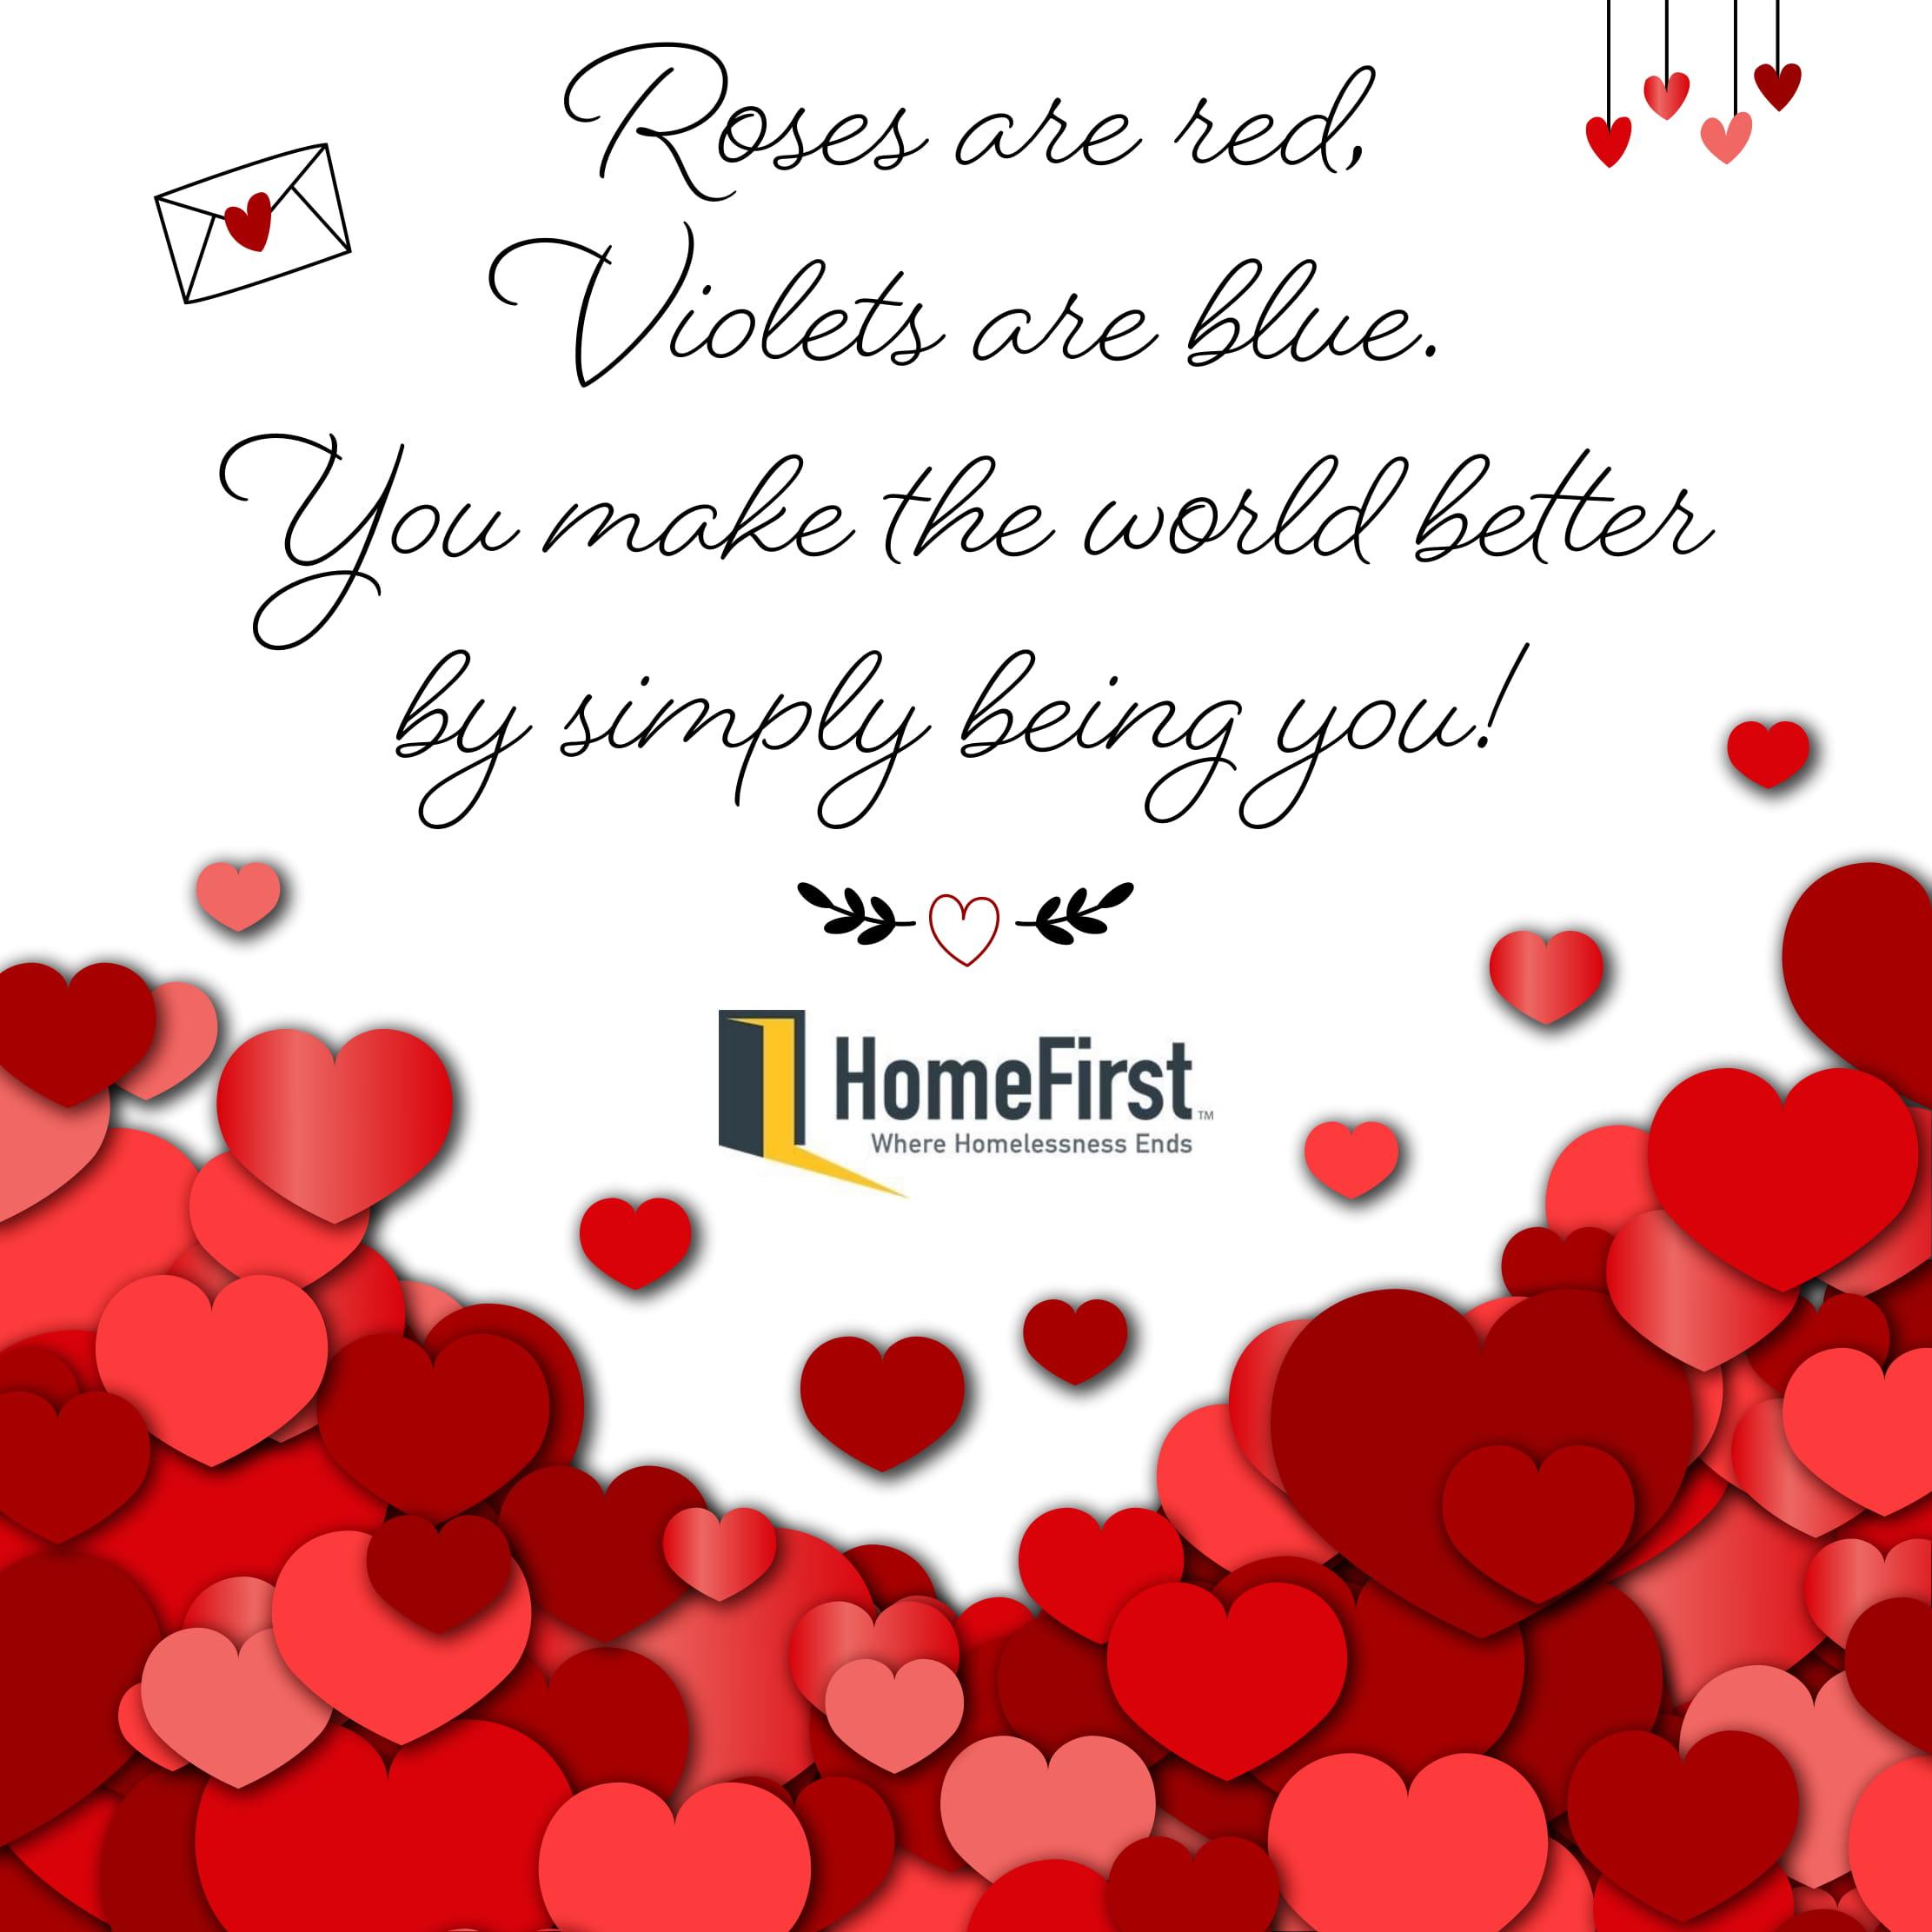 HomeFirst_Valentine2019.jpg